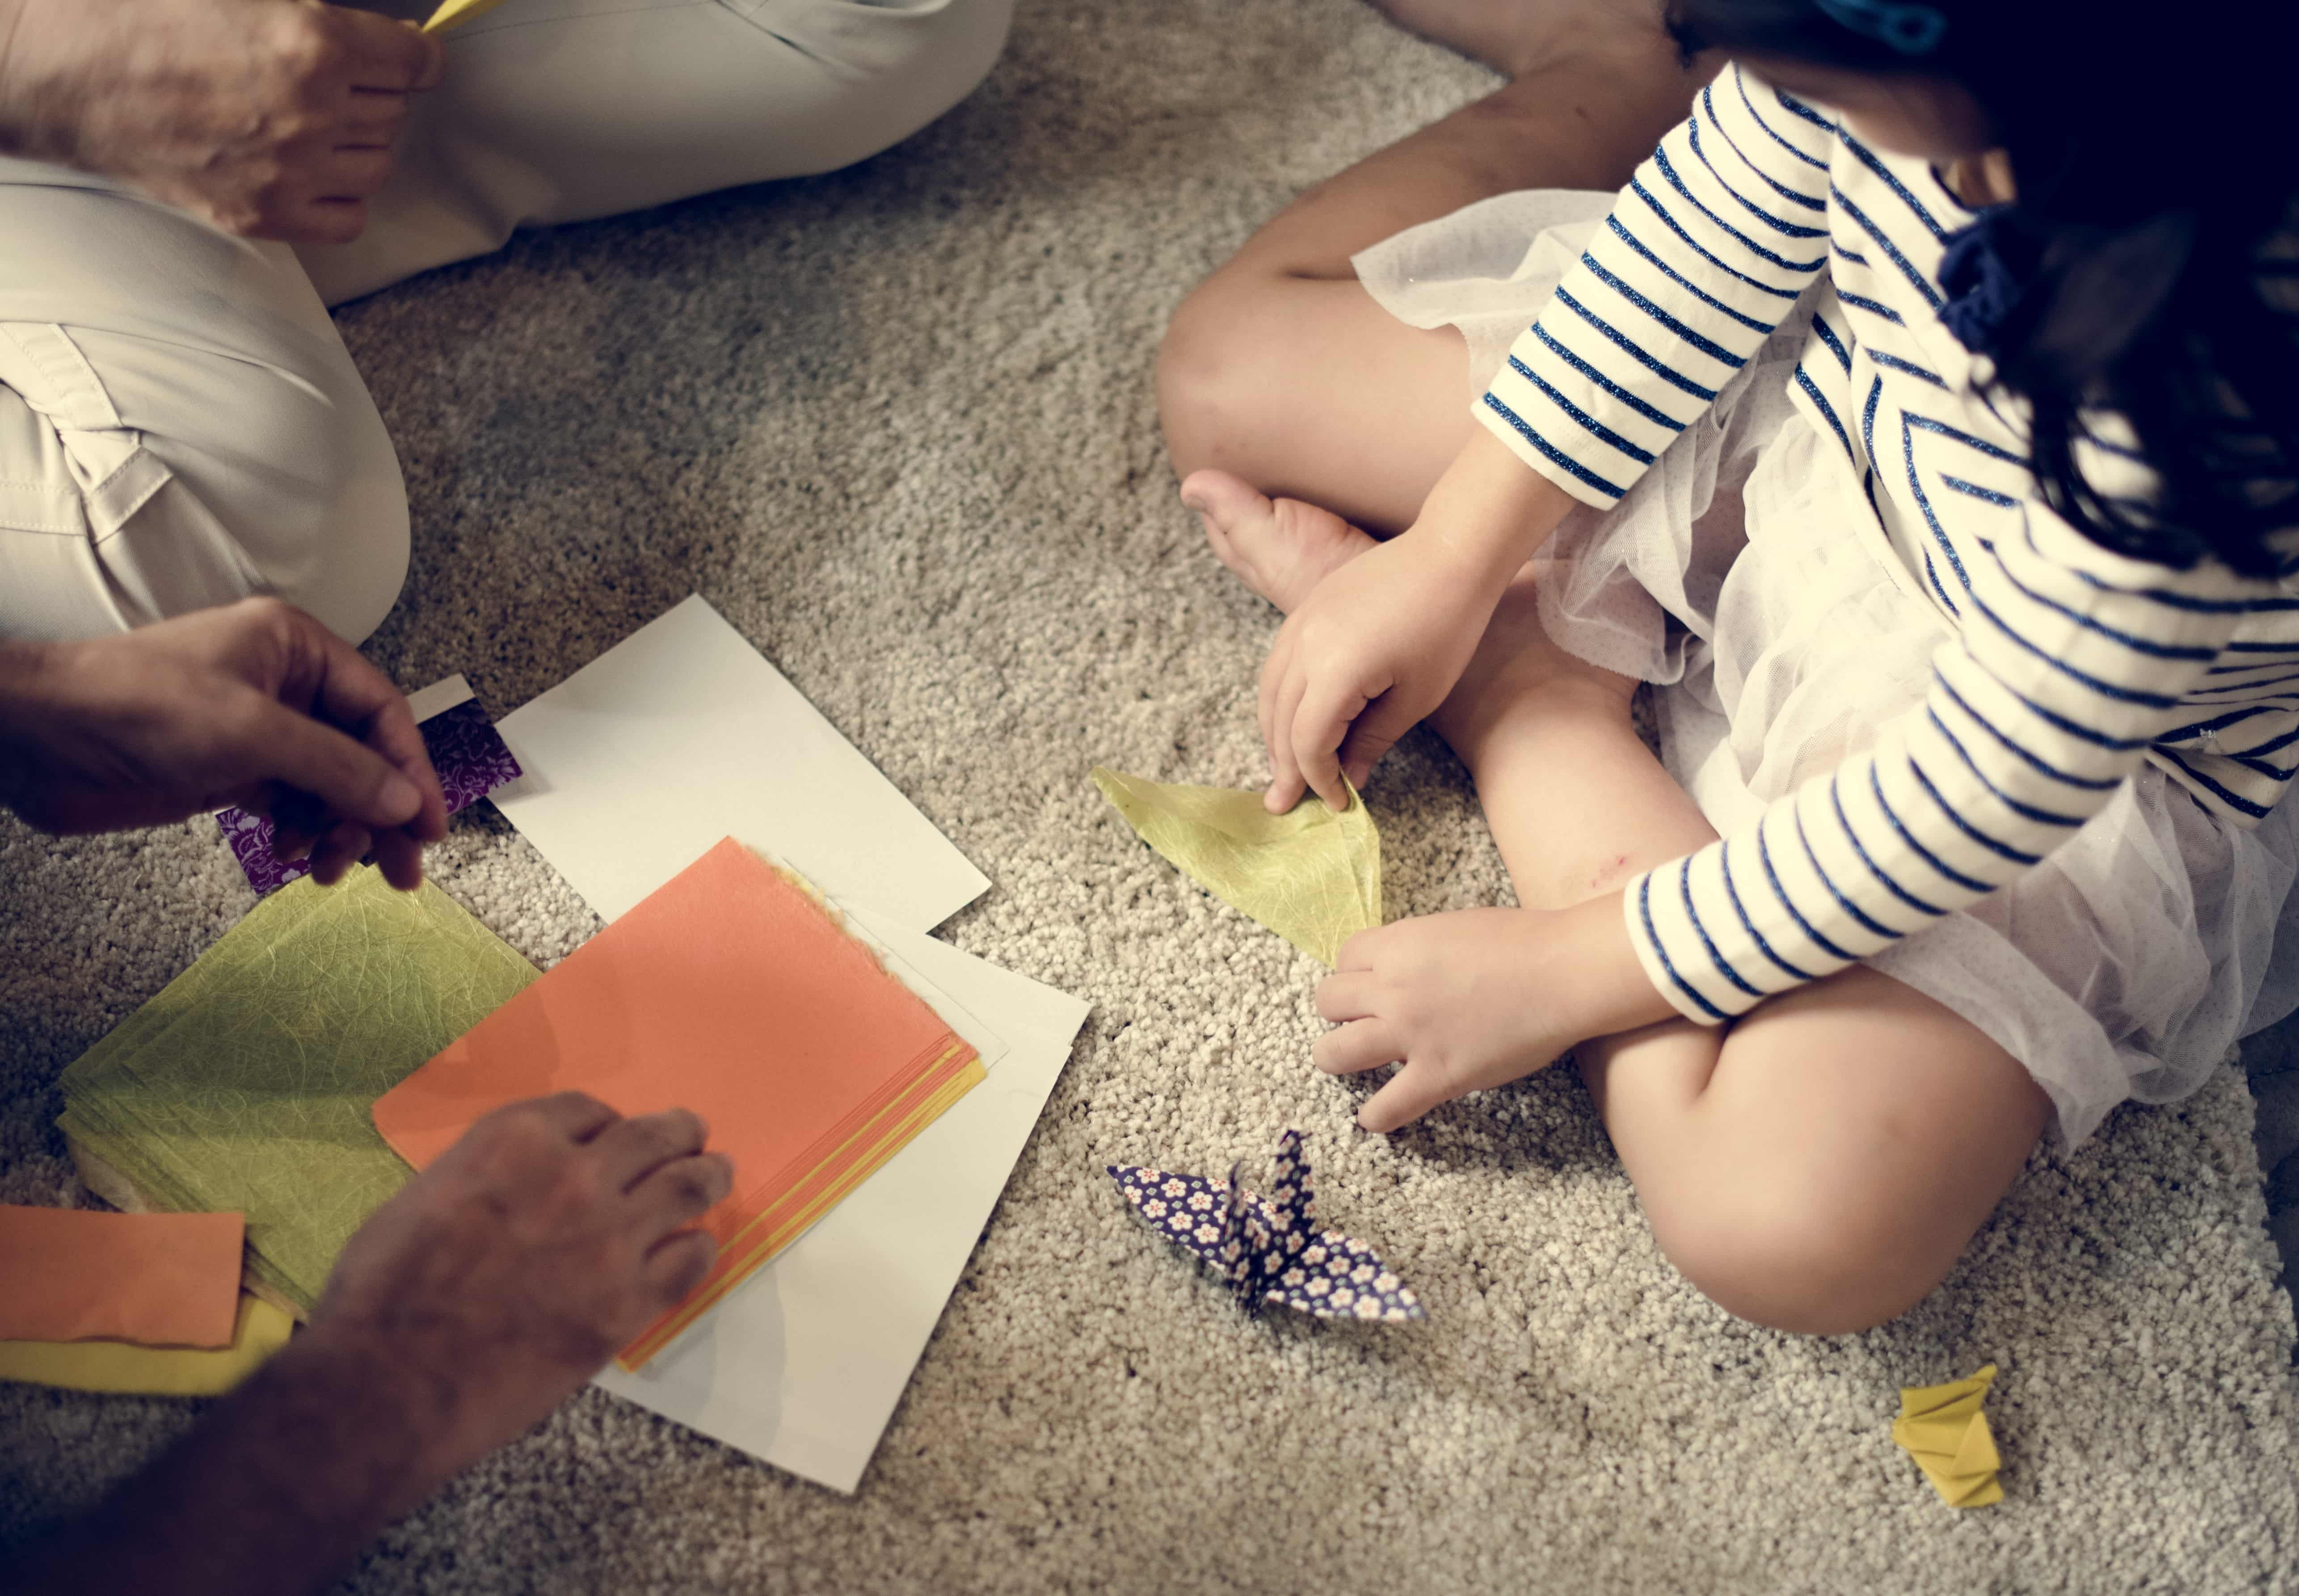 Семейные настольные игры с детьми дома: спокойные развлечения после болезни | Деринат